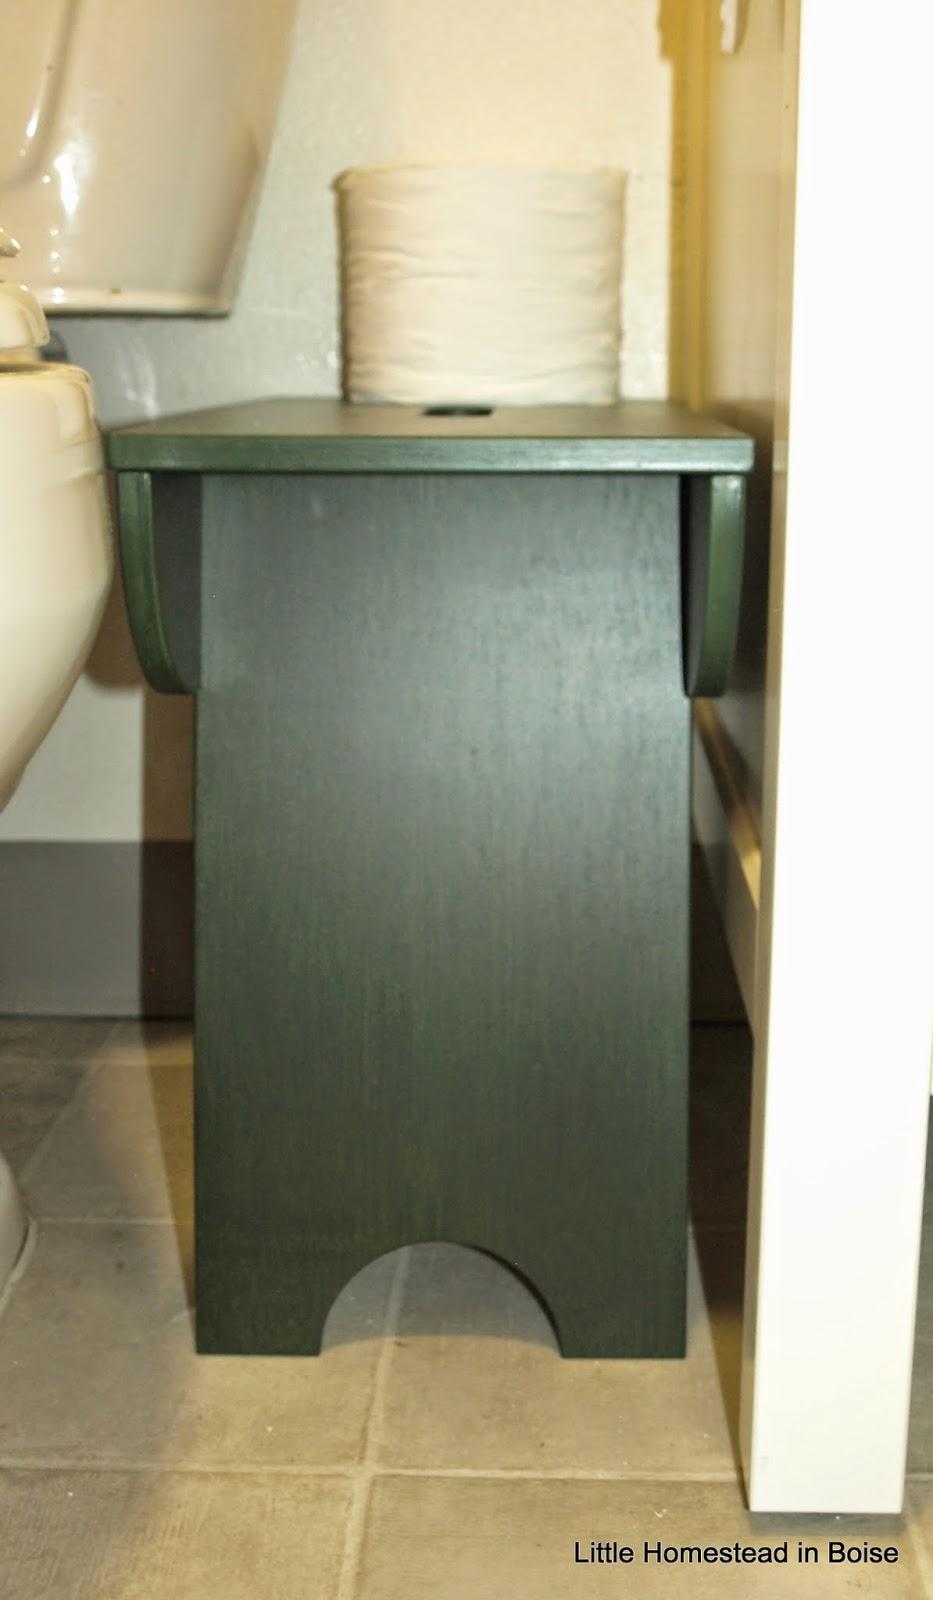 Little homestead in boise bathroom remodel reveal for Hobby lobby boise